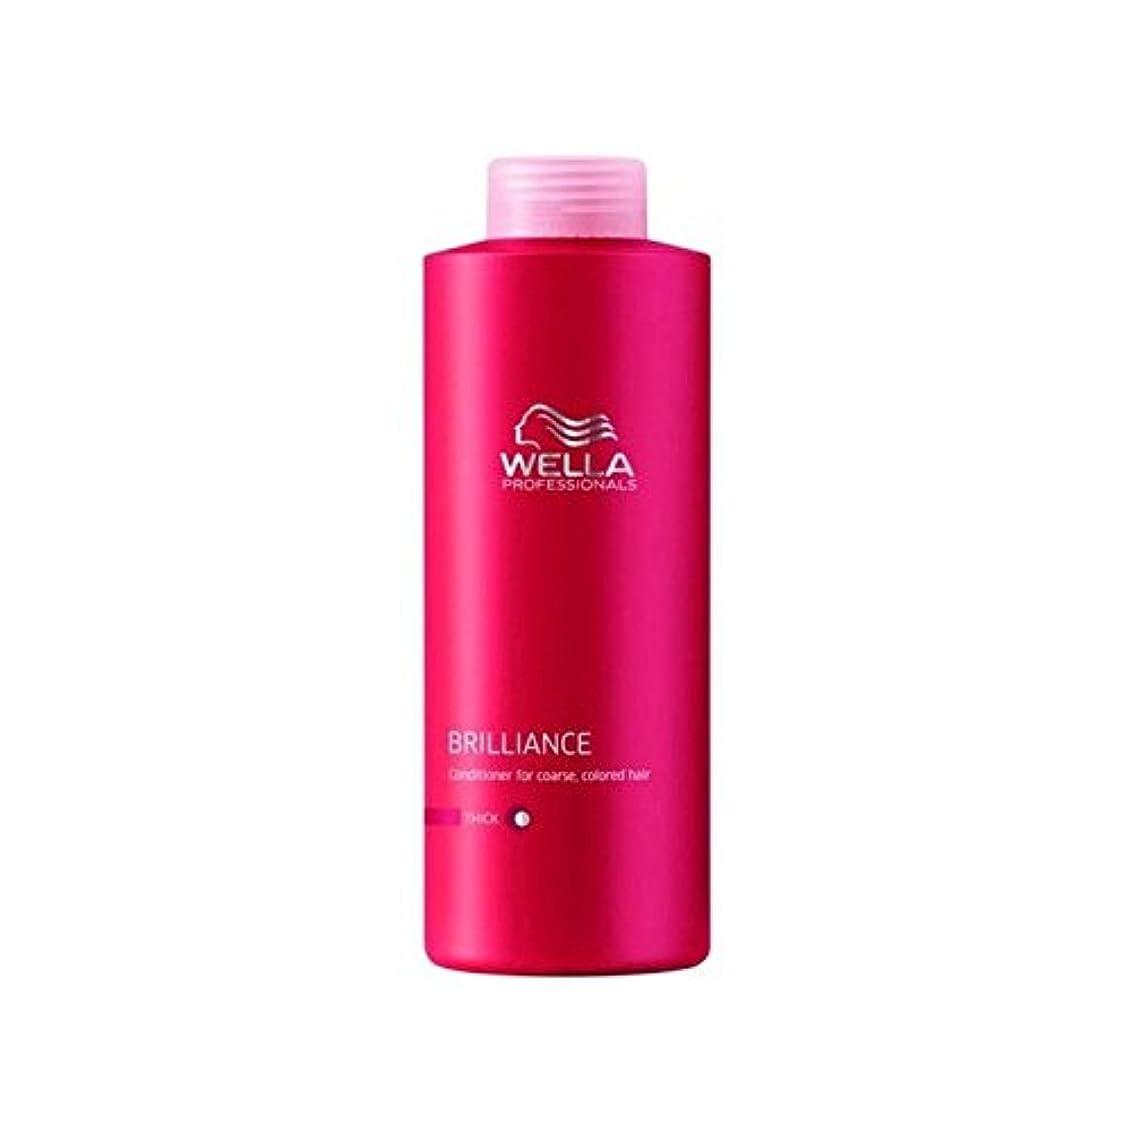 喉が渇いた軽食重さWella Professionals Brilliance Coarse Conditioner (1000ml) (Pack of 6) - ウェラの専門家は粗いコンディショナー(千ミリリットル)をブリリアンス x6...